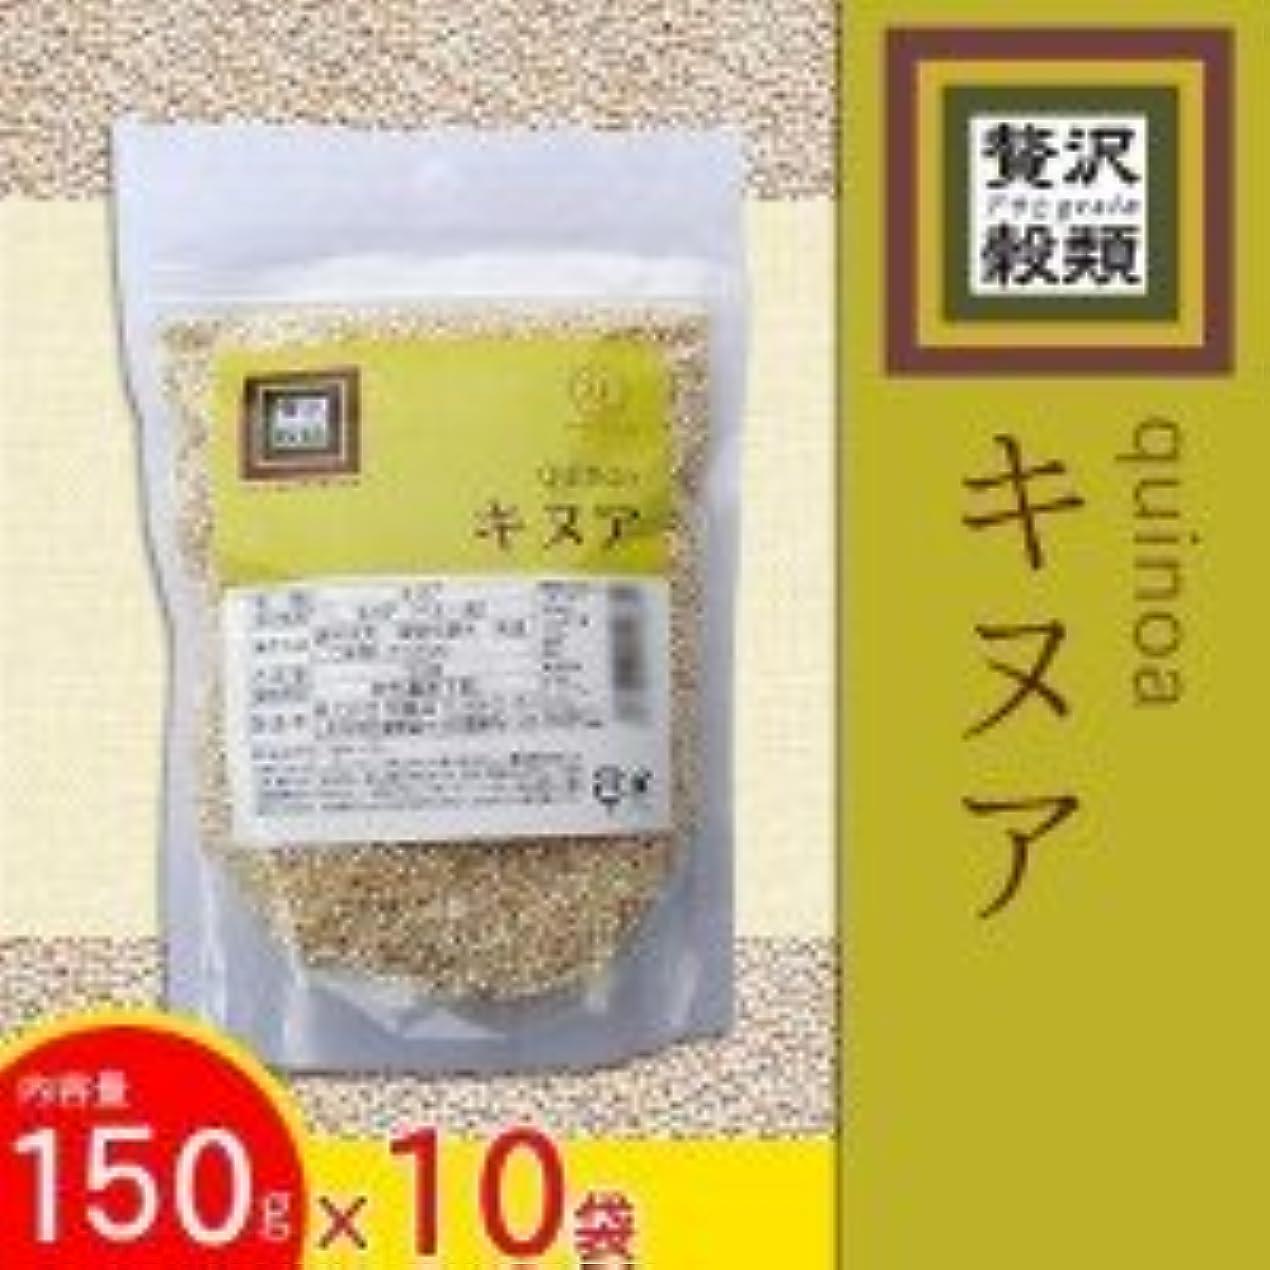 浸すメディアロイヤリティ贅沢穀類 キヌア 150g×10袋